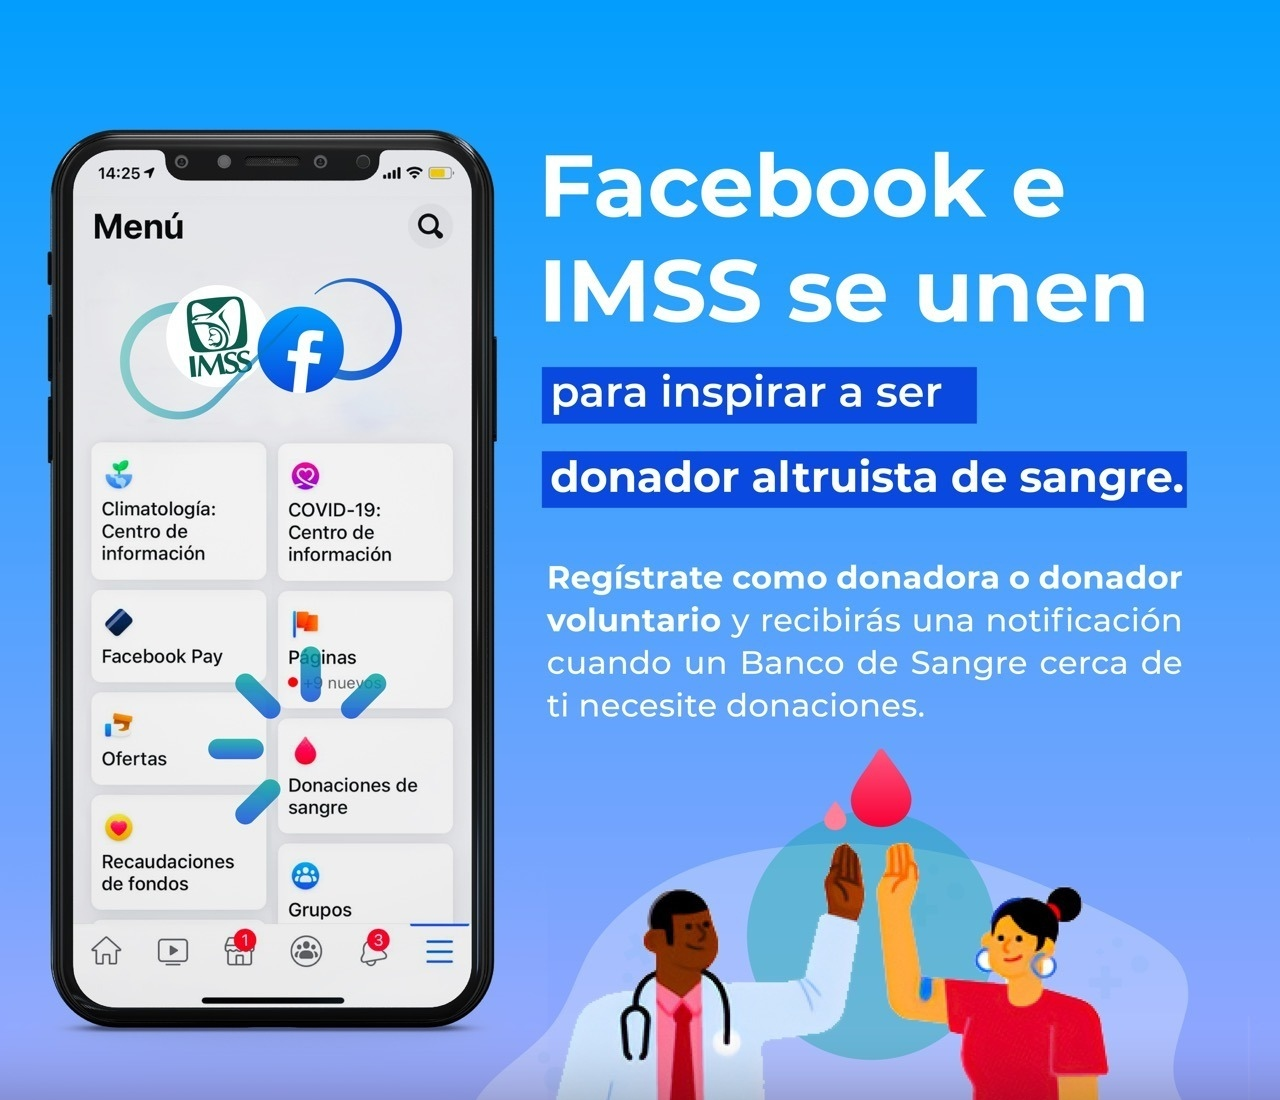 imss y facebook